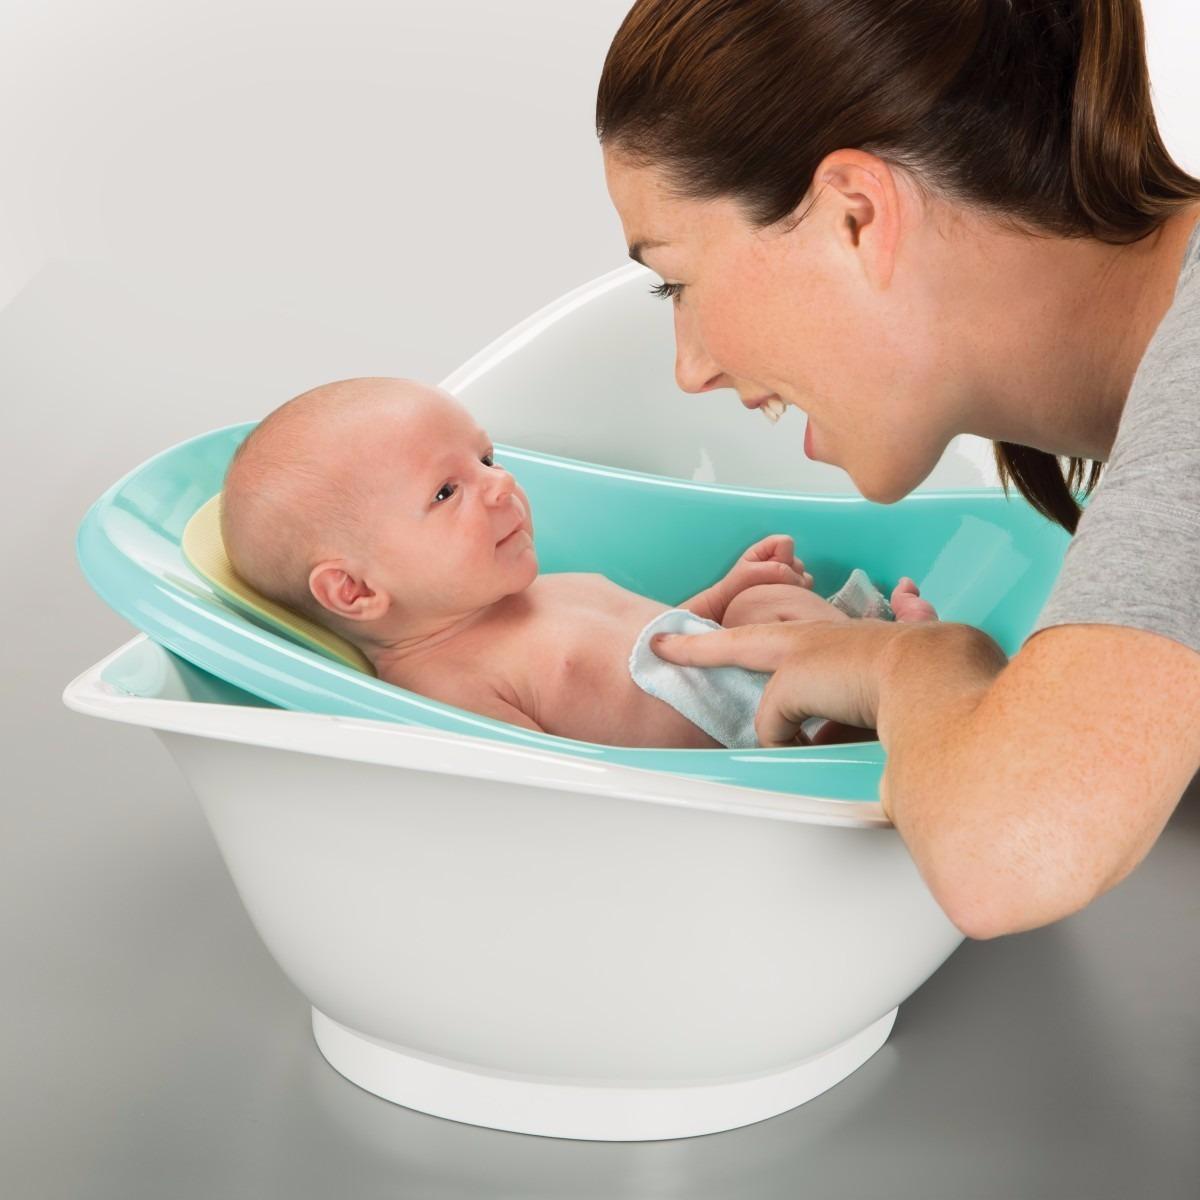 tina de ba o para bebe safety first modelo bh087 nueva msi